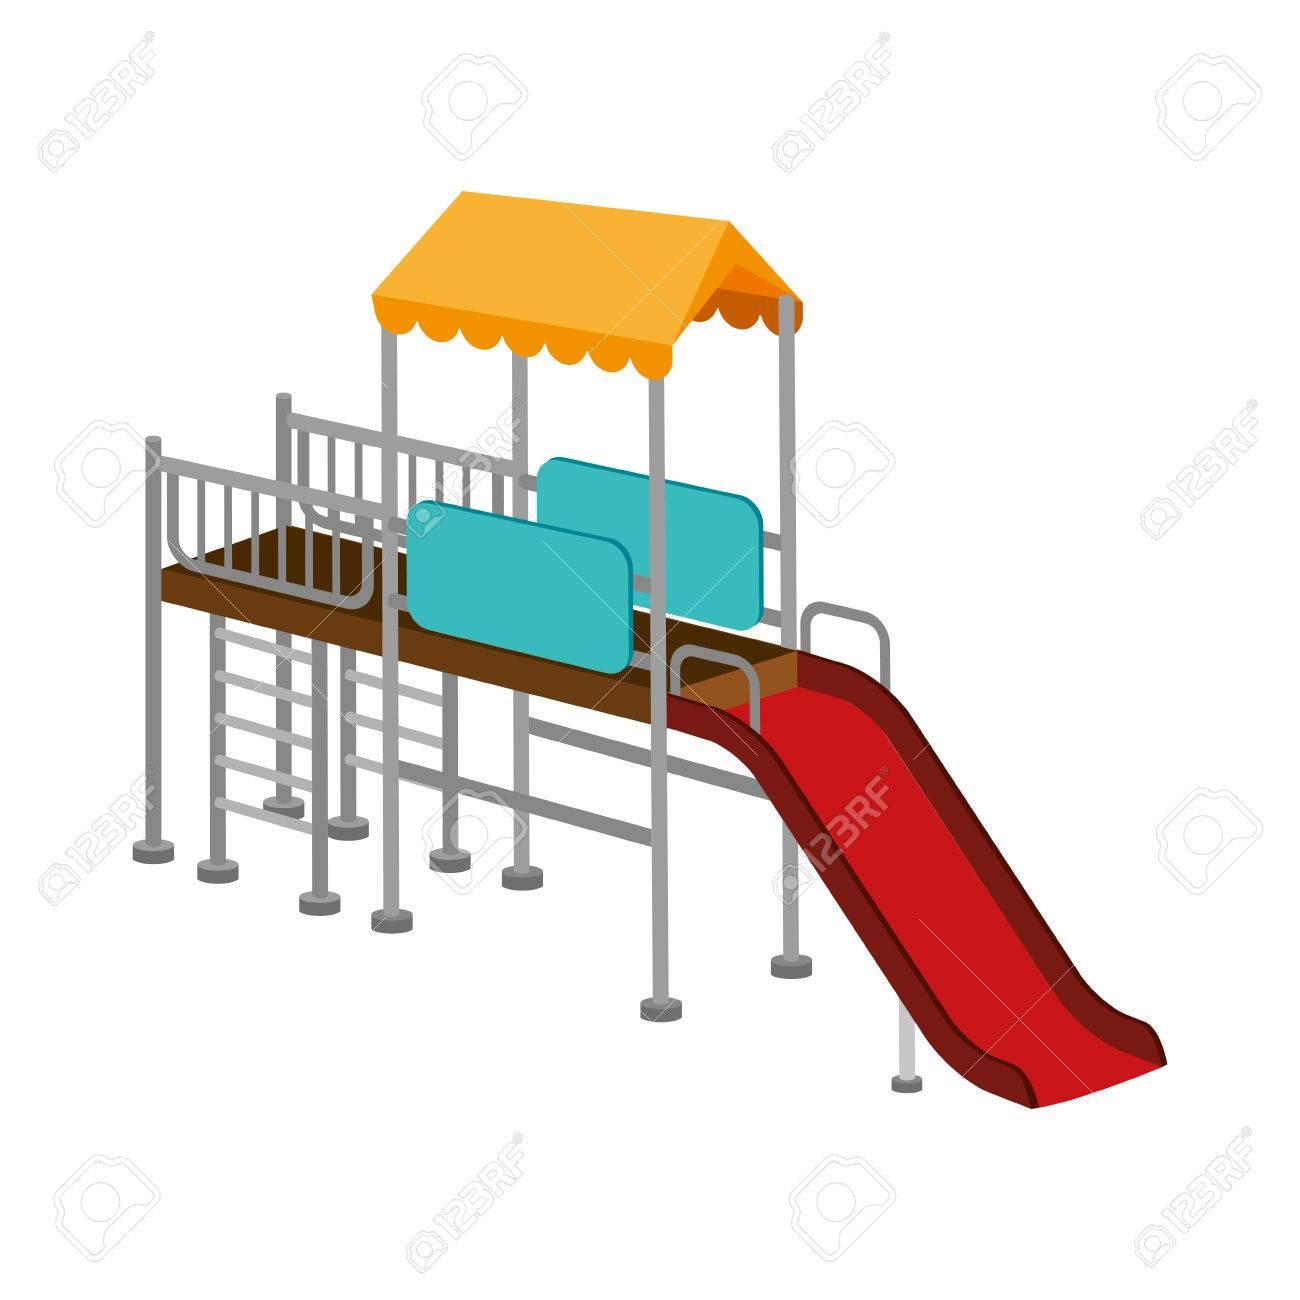 Parque Infantil Nino Ilustracion Vectorial Actividad De Recreacion